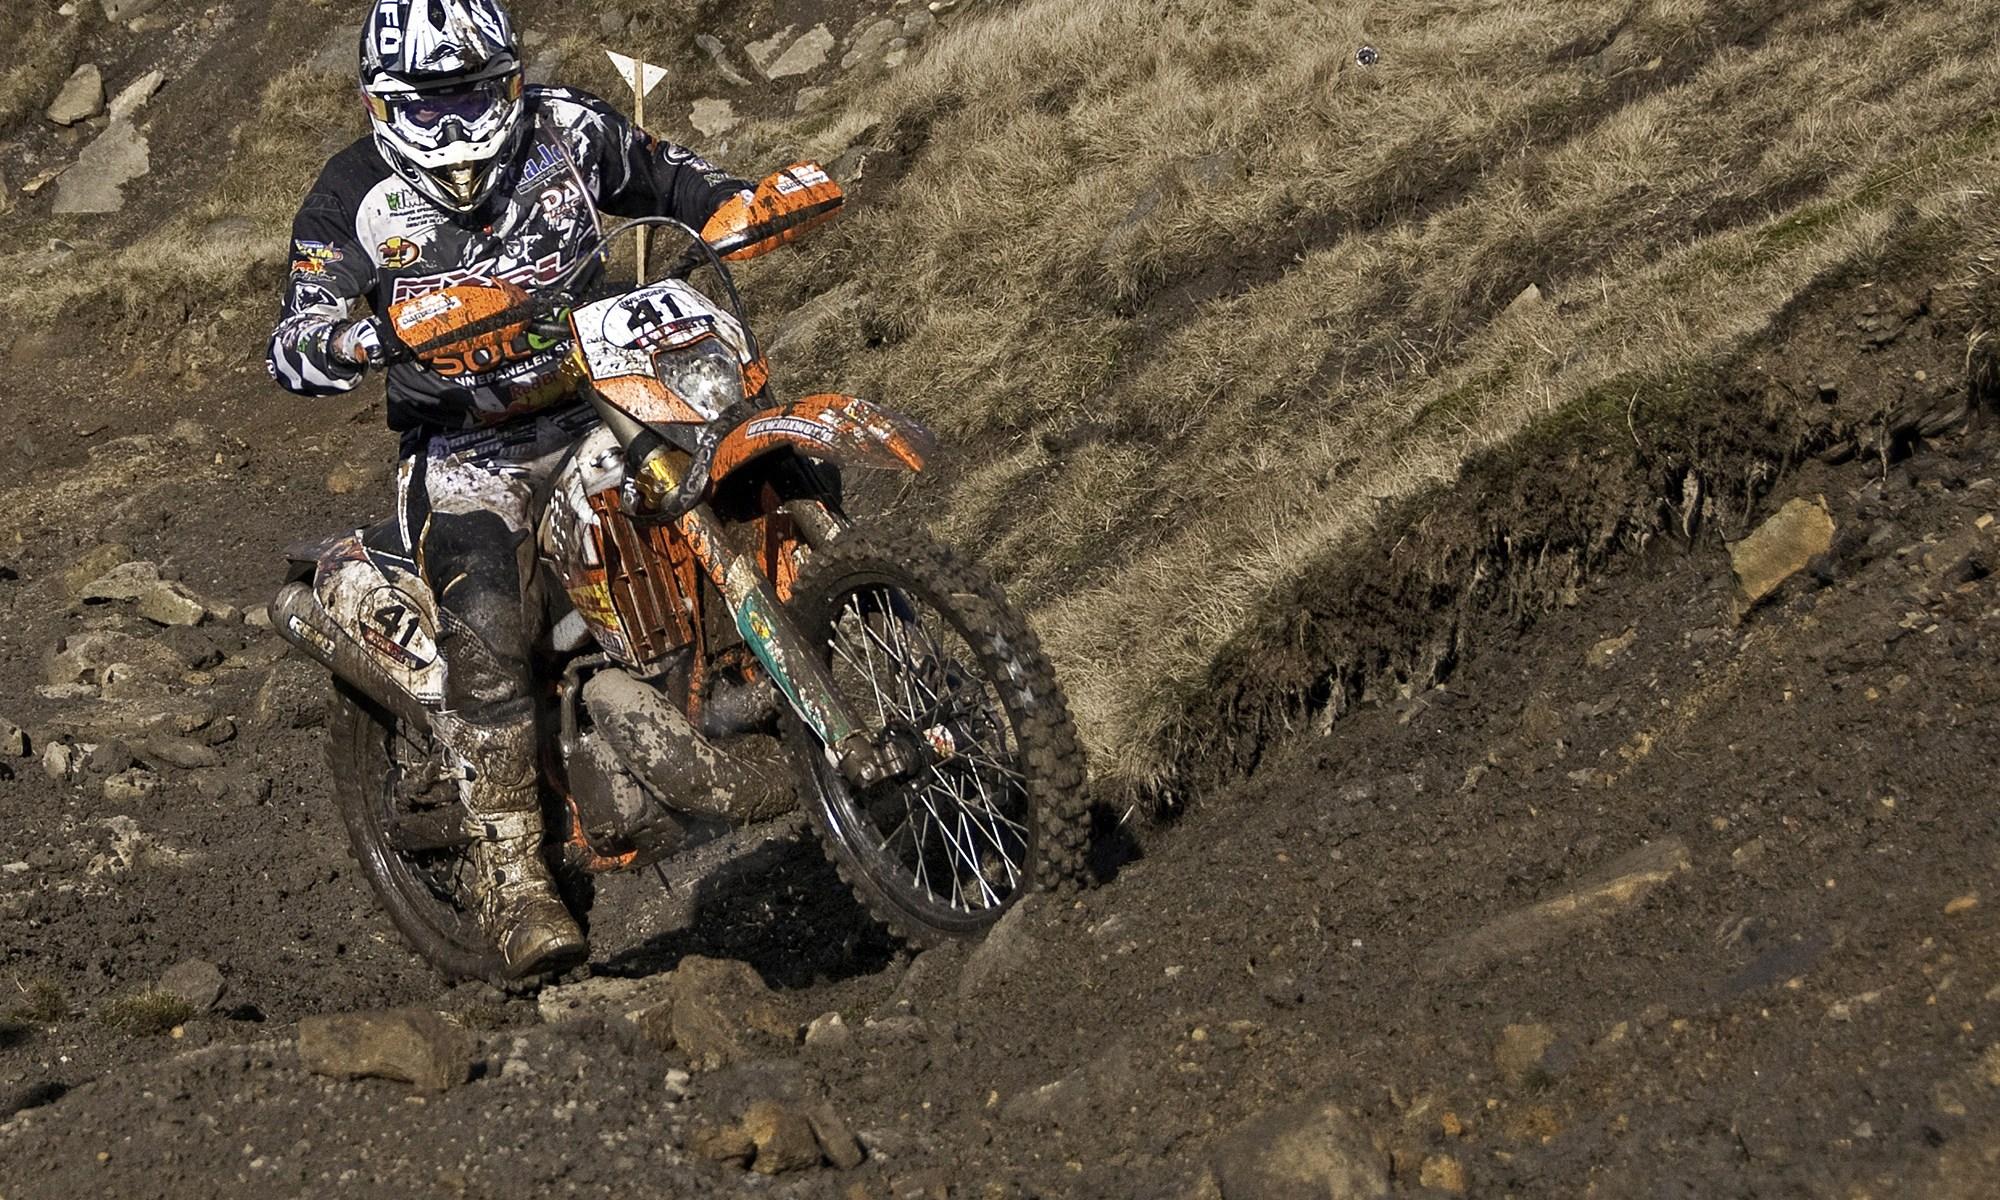 Motocross Extreme Enduro 2011